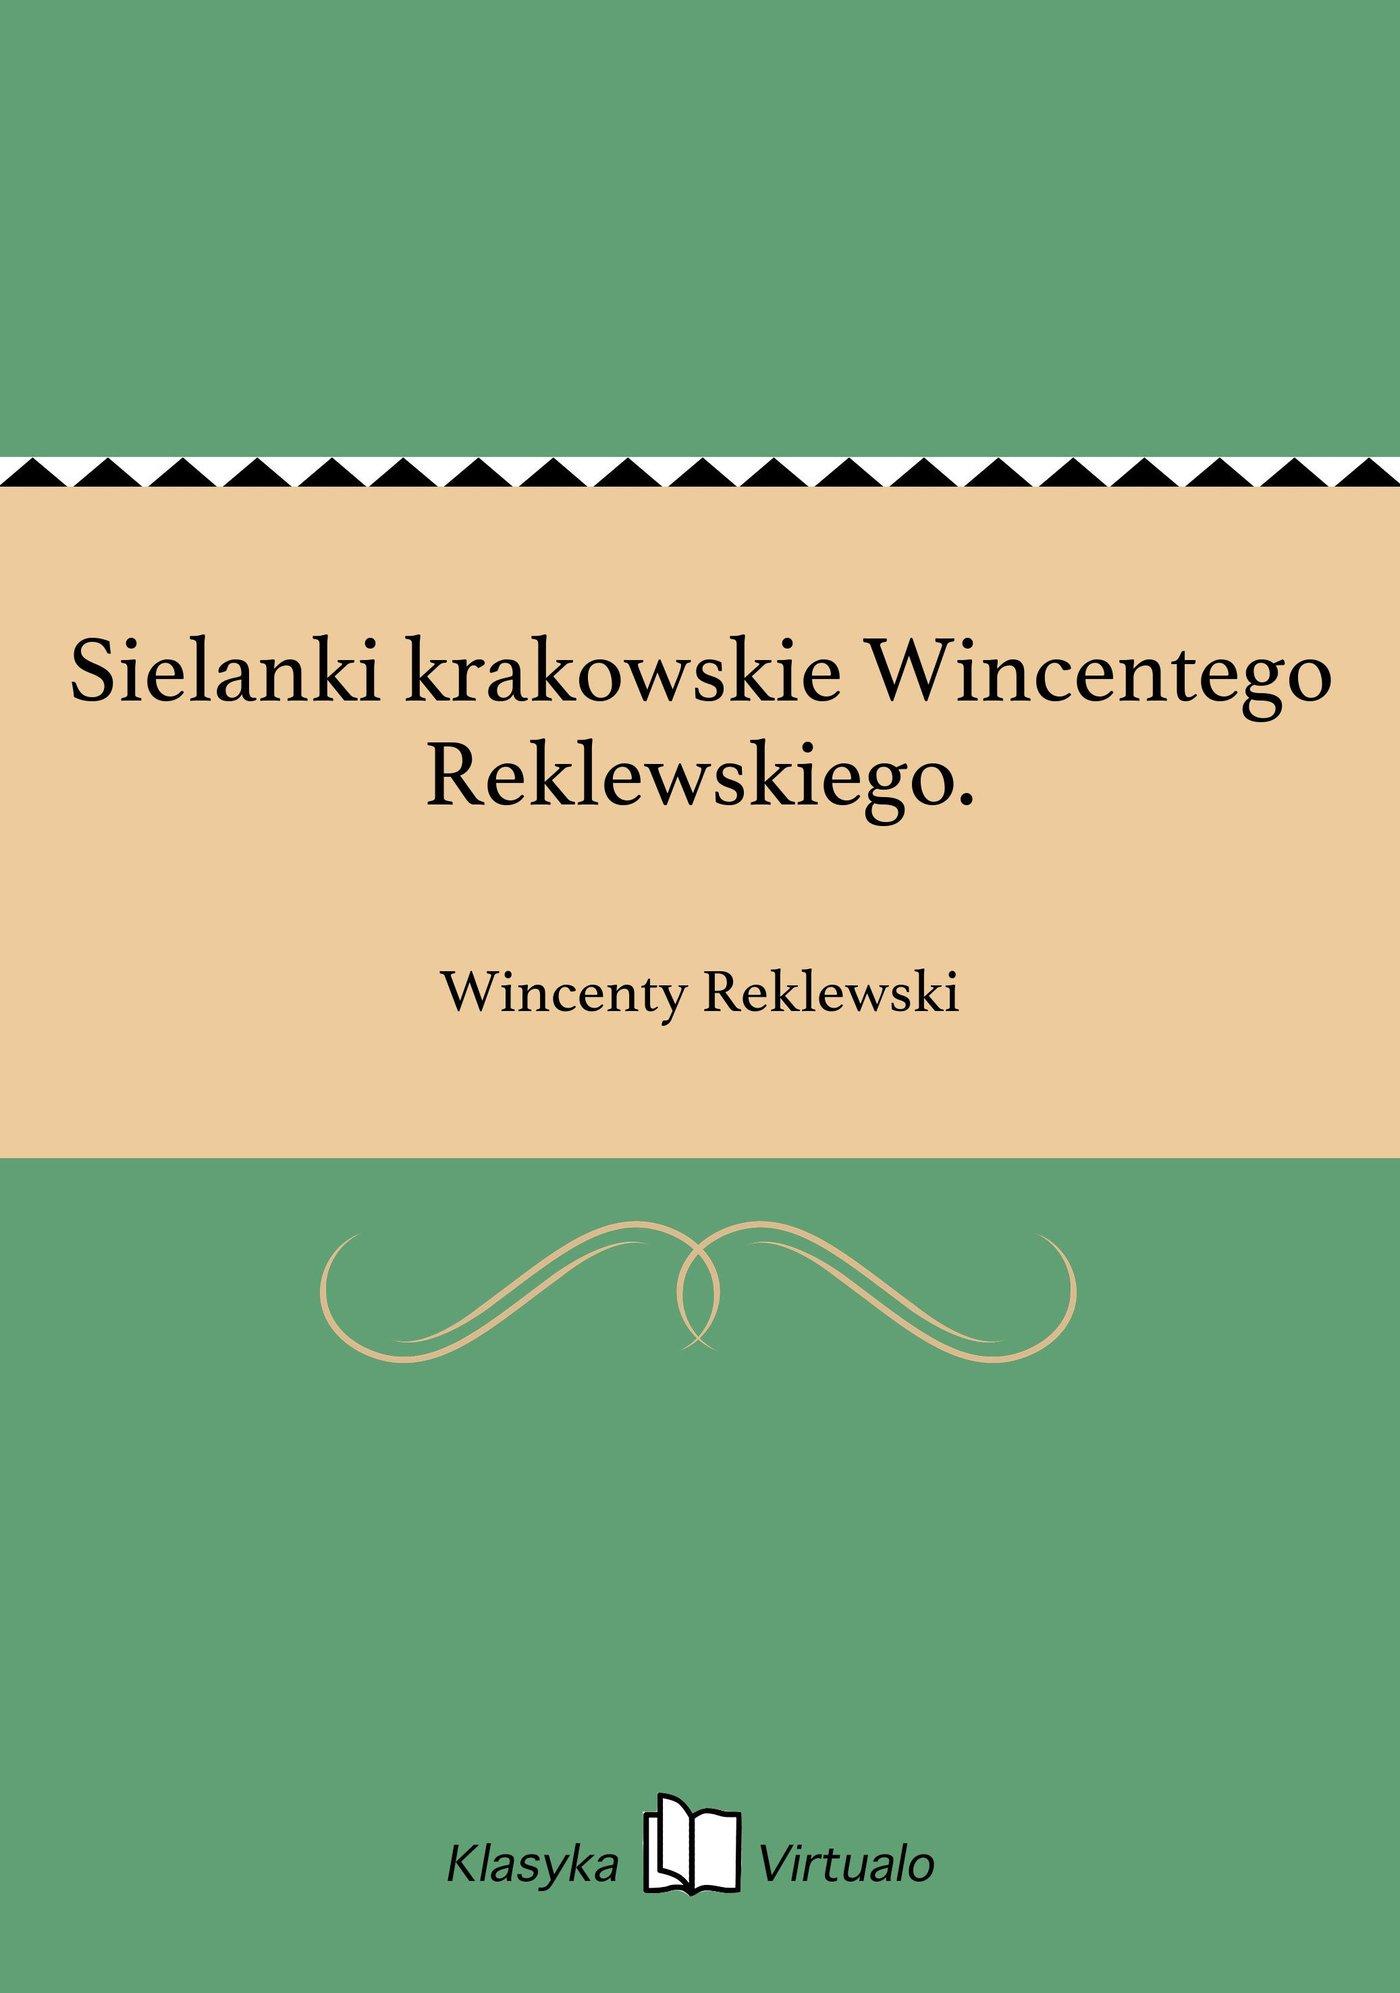 Sielanki krakowskie Wincentego Reklewskiego. - Ebook (Książka EPUB) do pobrania w formacie EPUB